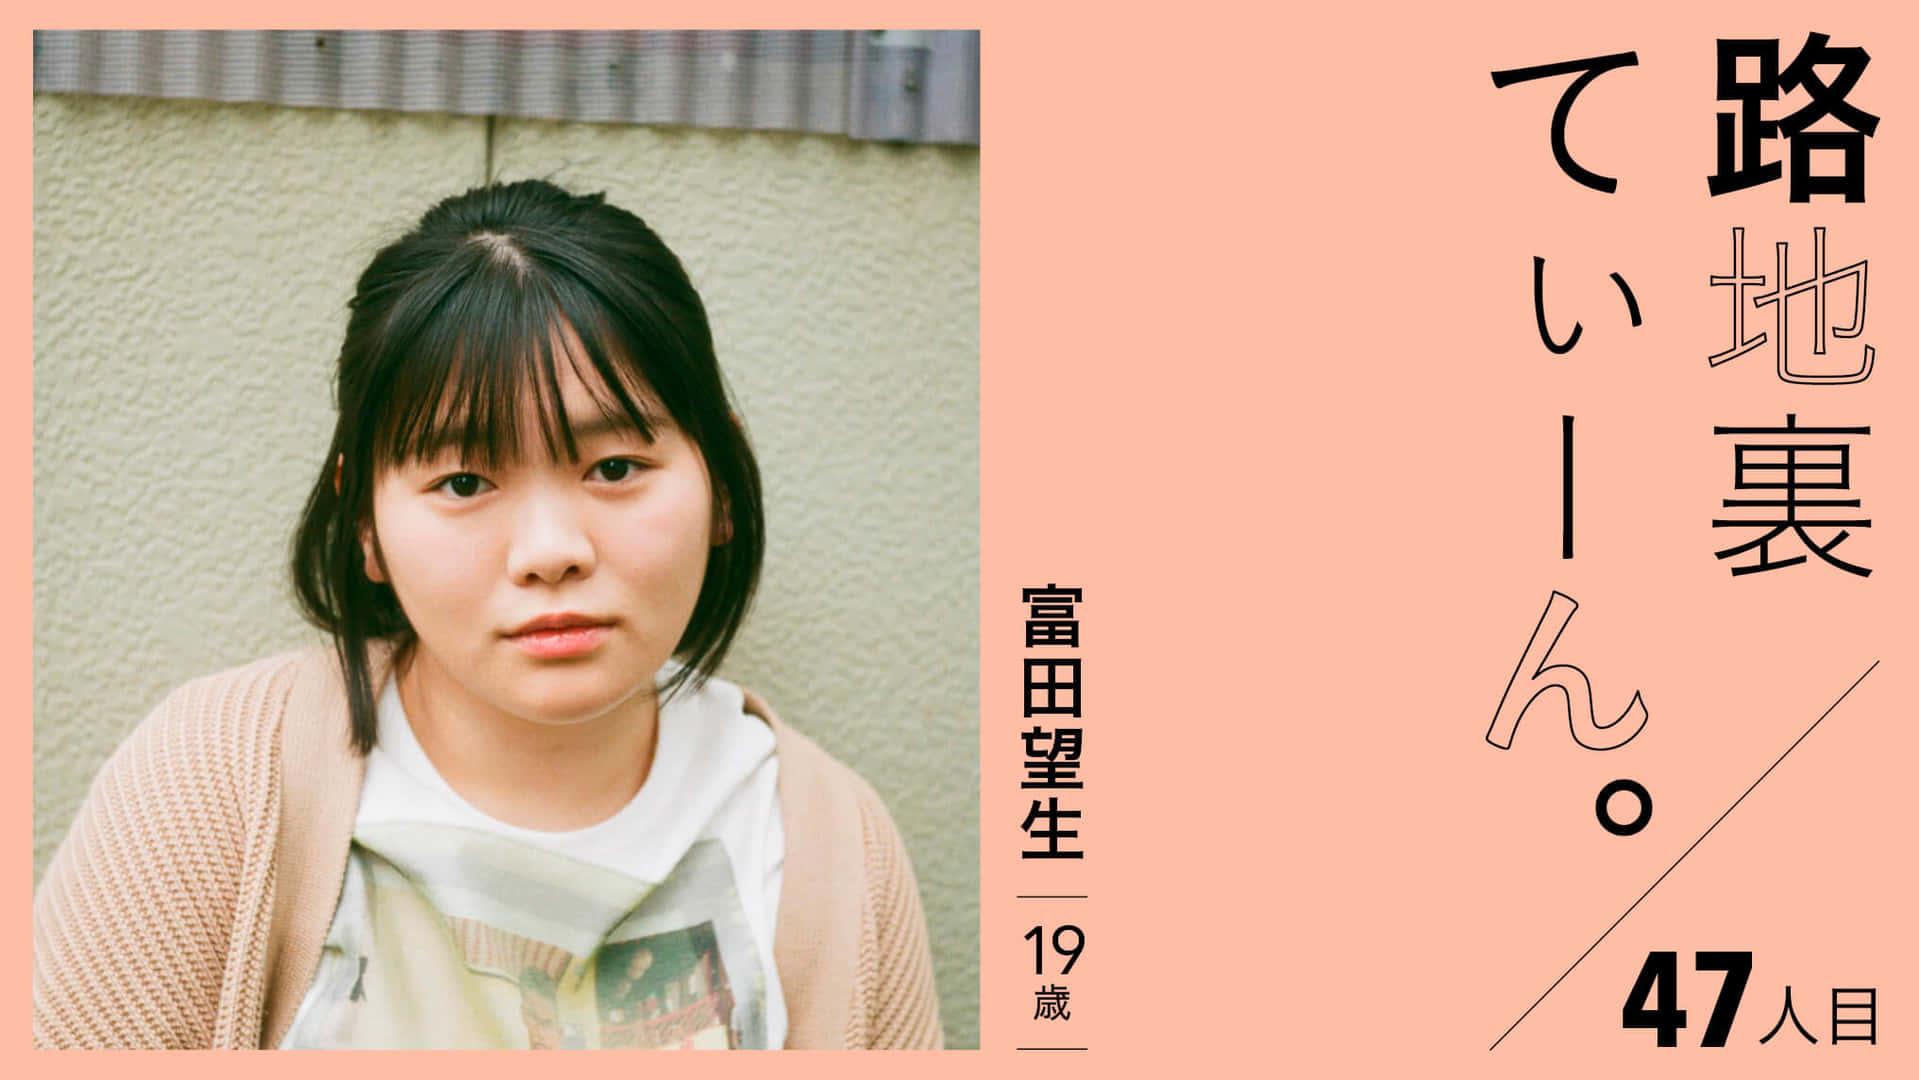 路地裏てぃーん。47人目 富田望生 19歳